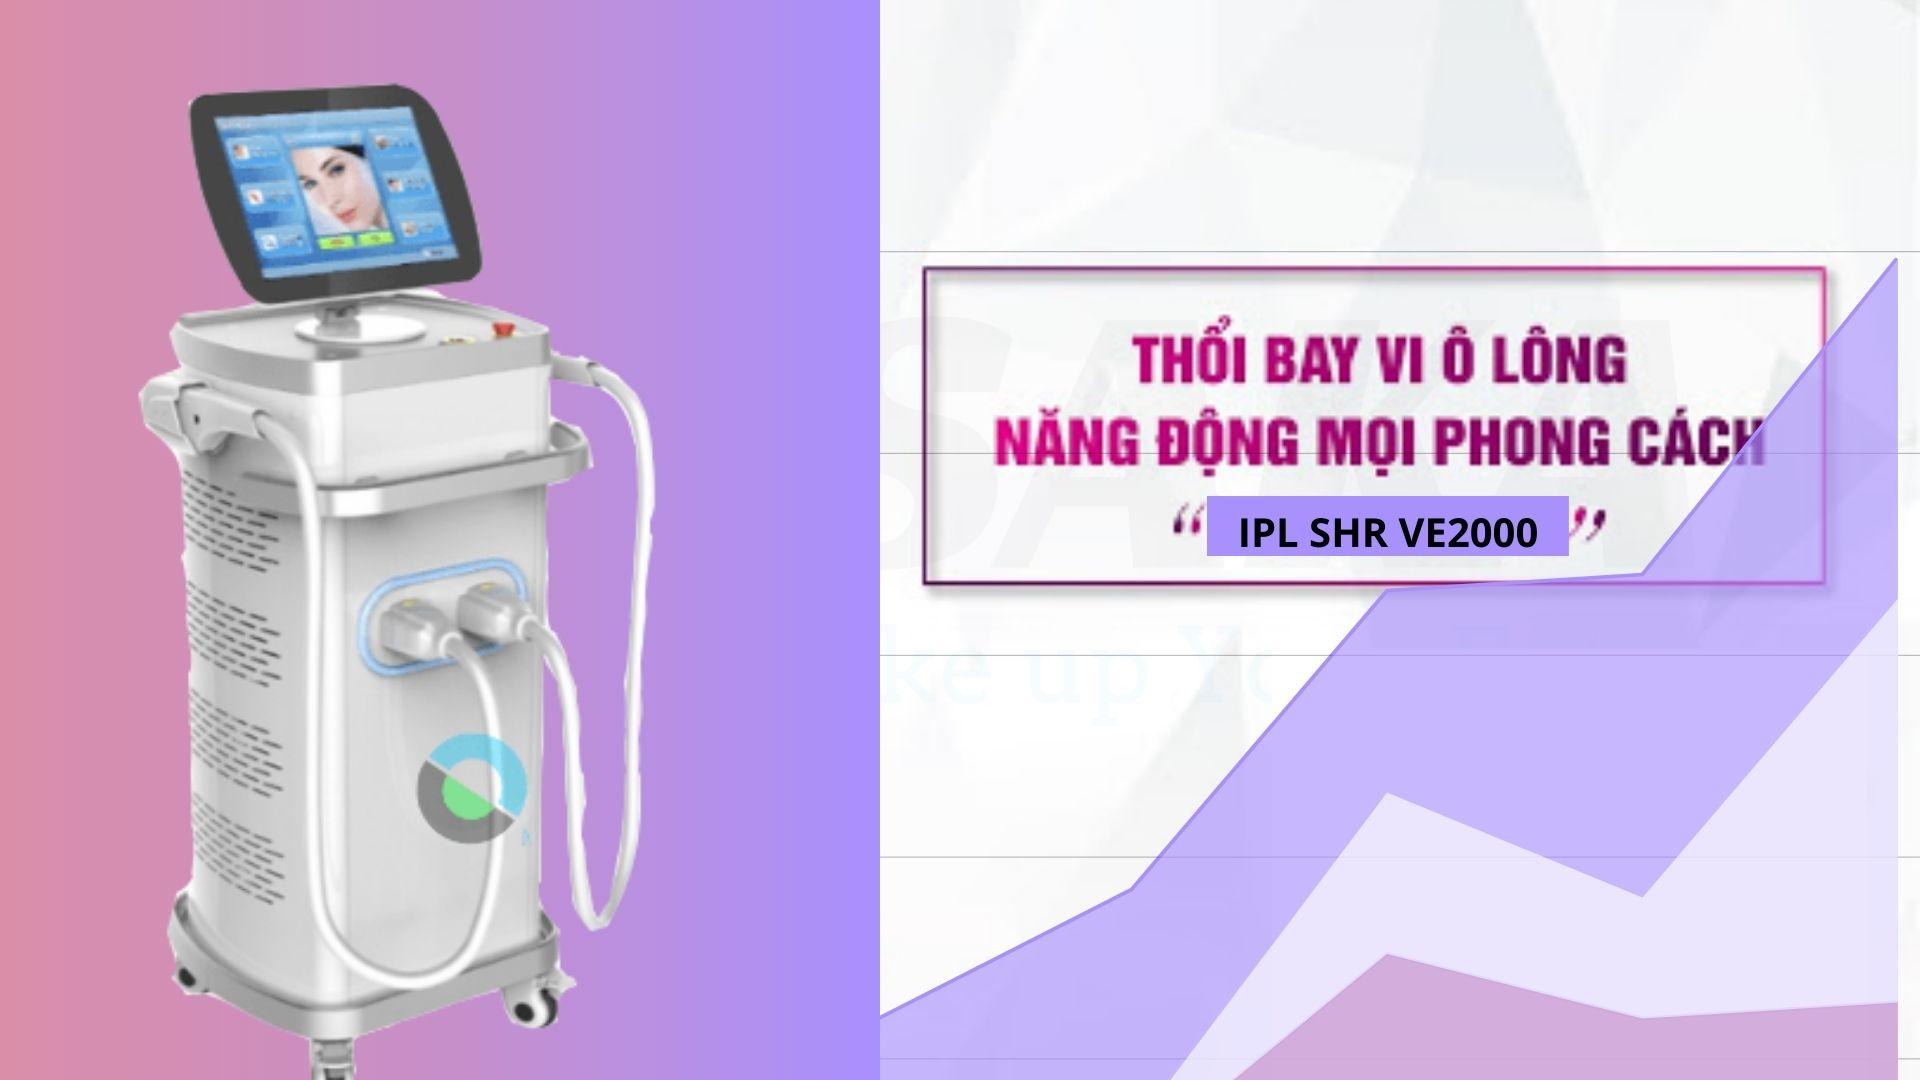 Công nghệ triệt lông IPL